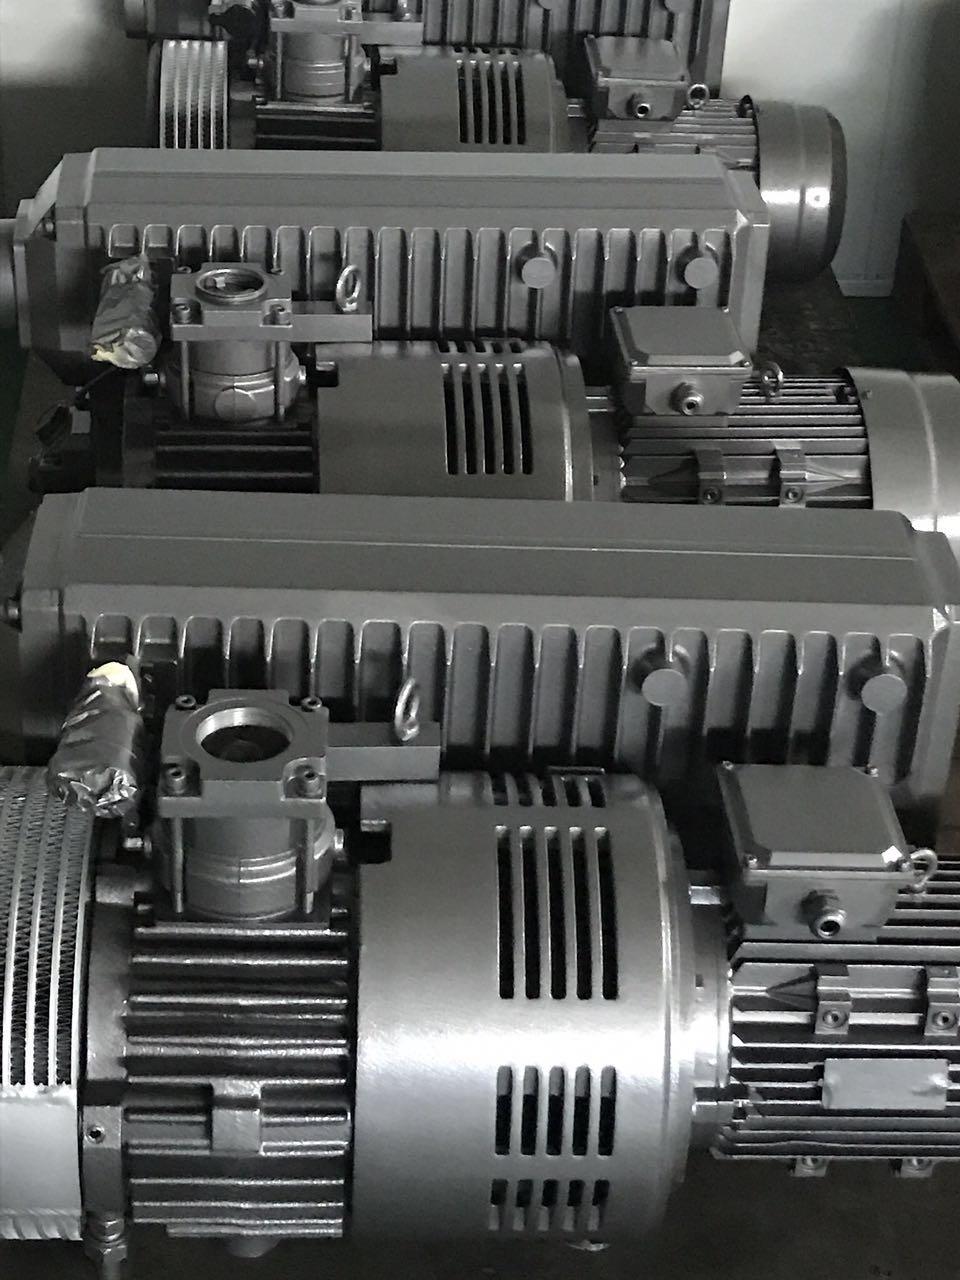 批发XD真空泵生产厂家_专业的XD真空泵生产厂家在东莞